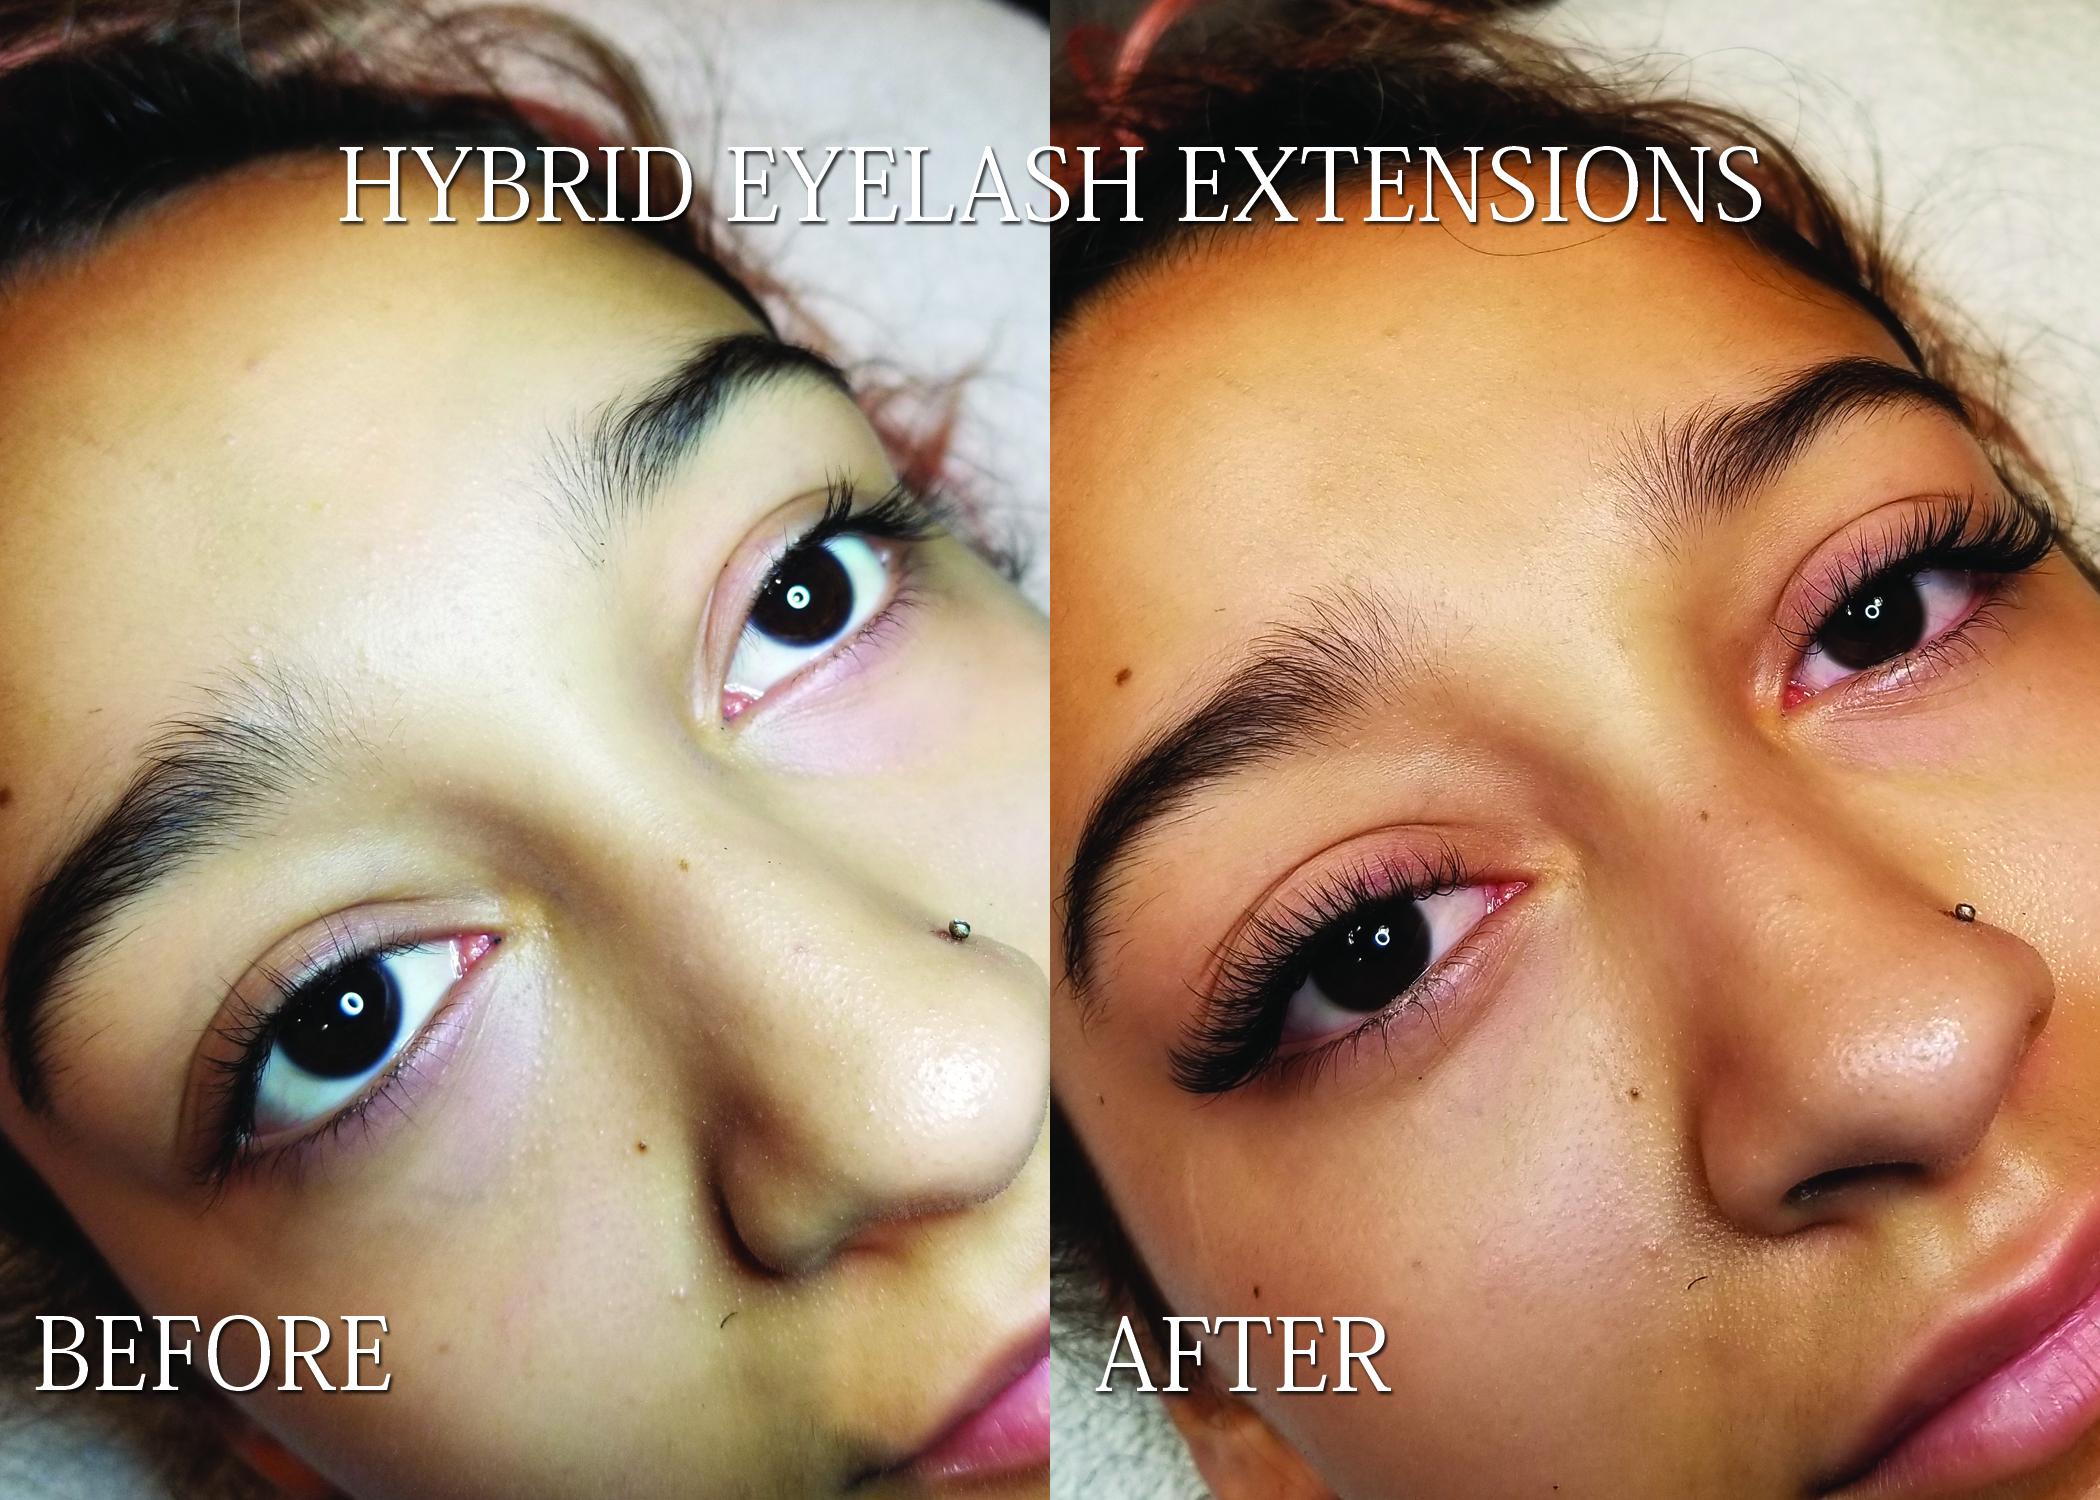 HybridEyelashExtensions1.jpg